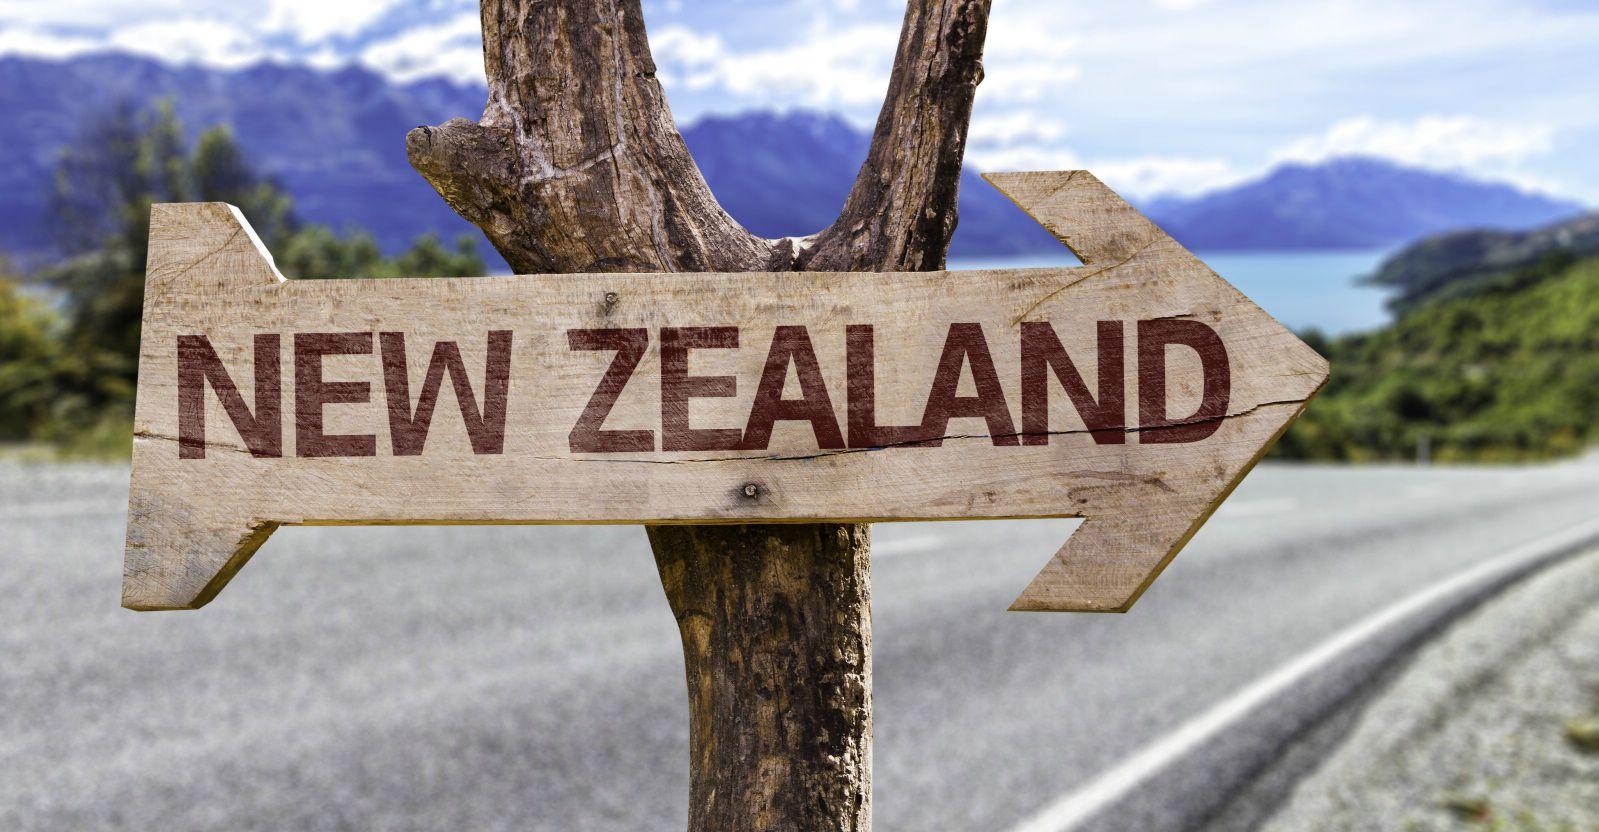 Работа в Новой Зеландии: вакансии, условия и перспективы